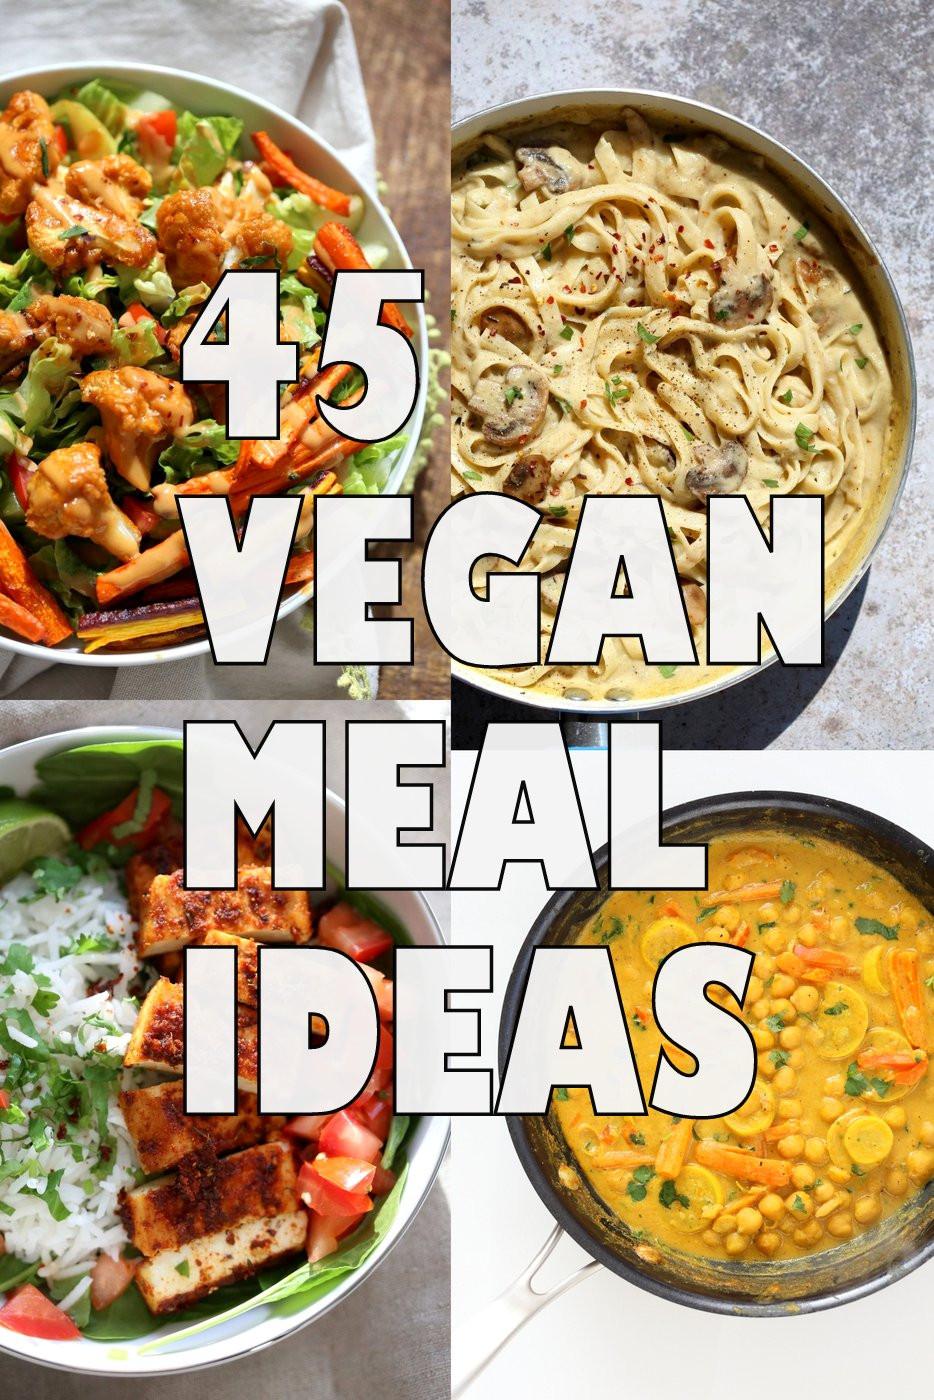 Healthy Vegan Dinners  45 Healthy Vegan Meals for Veganuary Vegan Richa